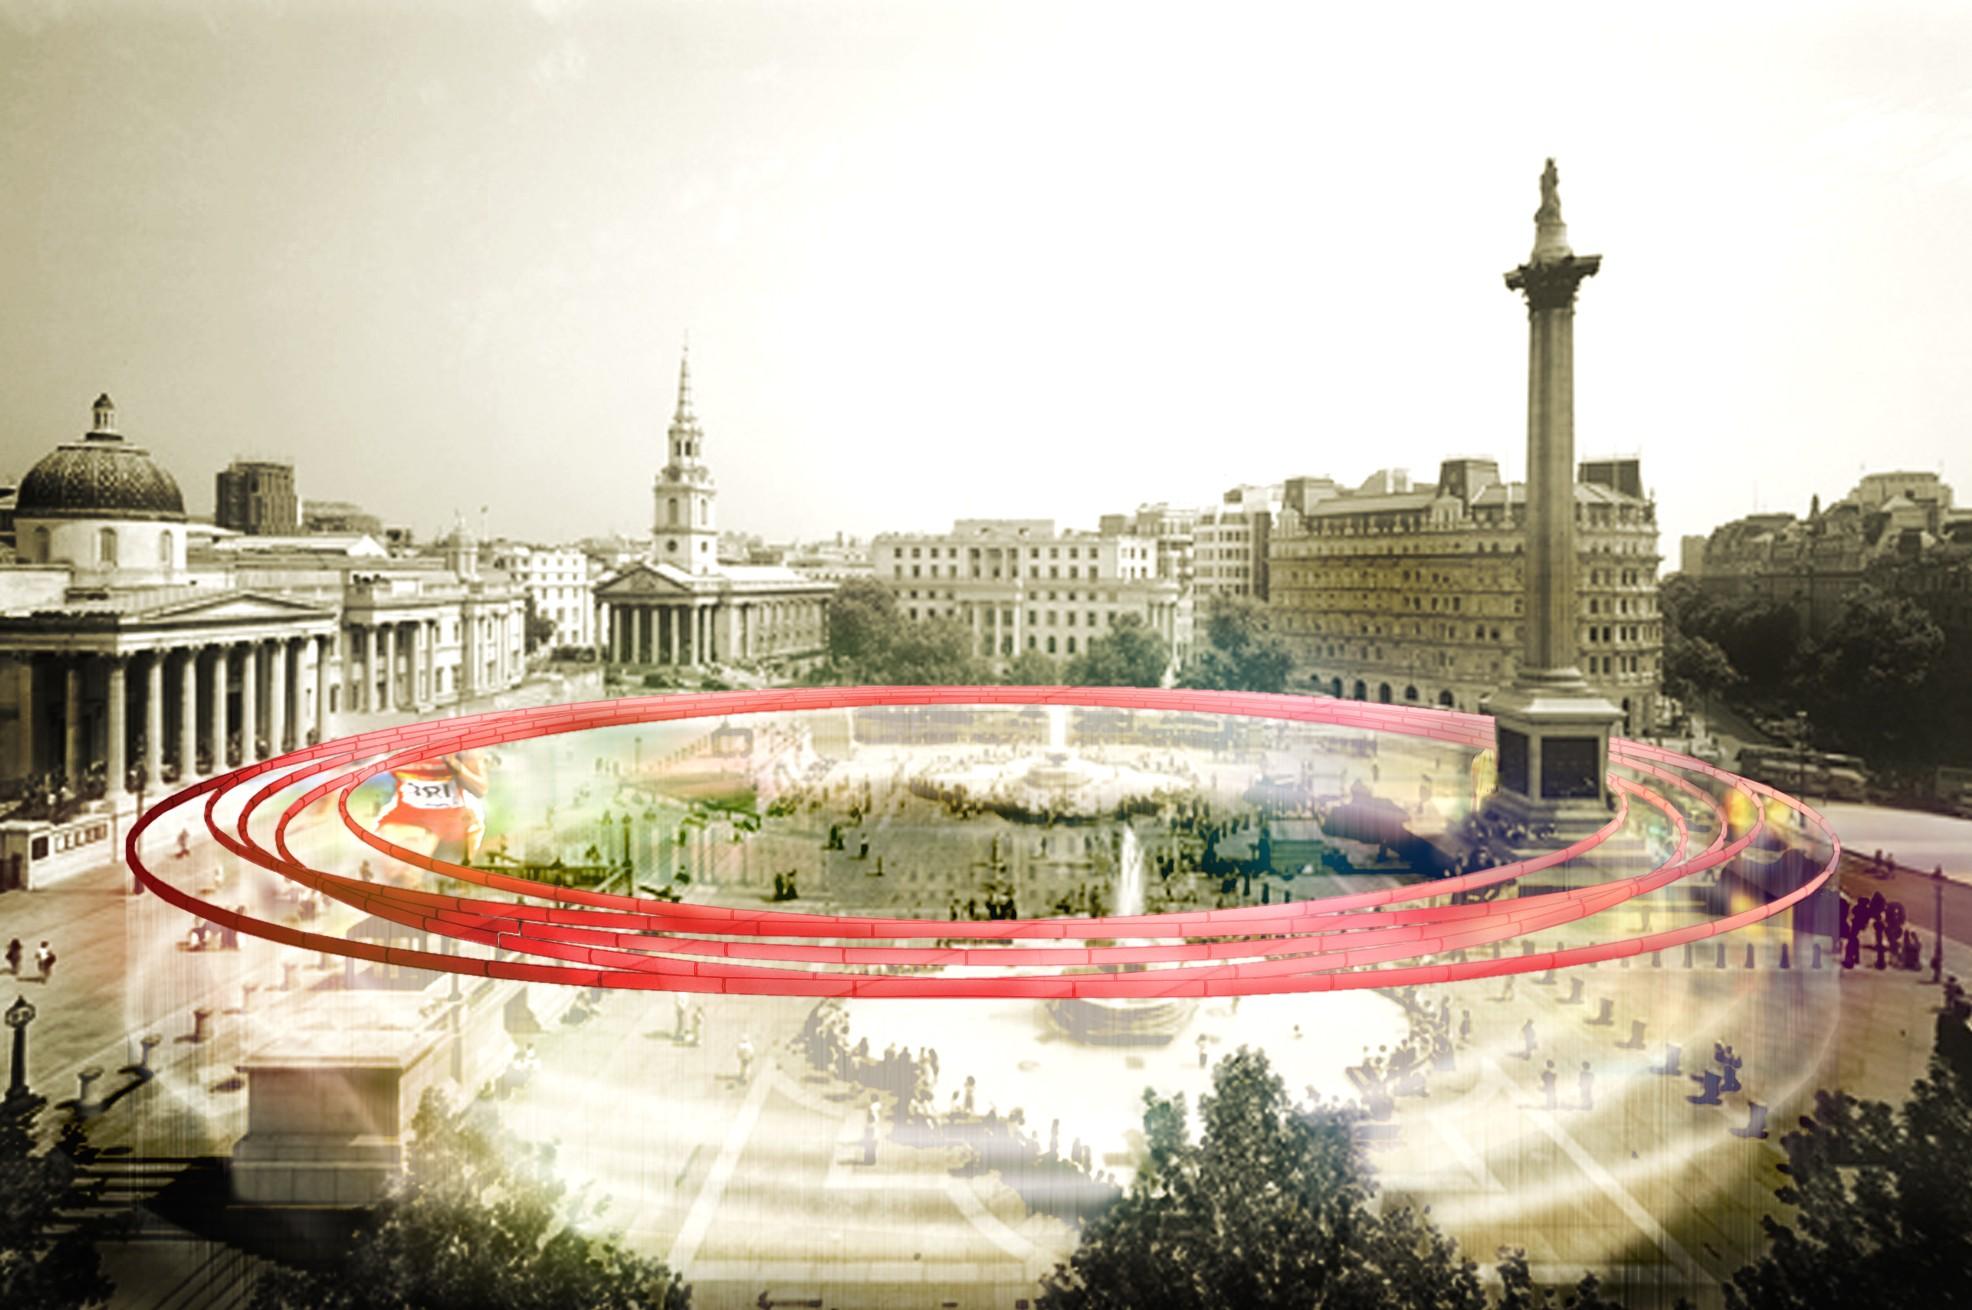 Proposta para o Pavilhão de Informação de Londres / DCPP Arquitectos, Cortesia de DCPP Arquitectos